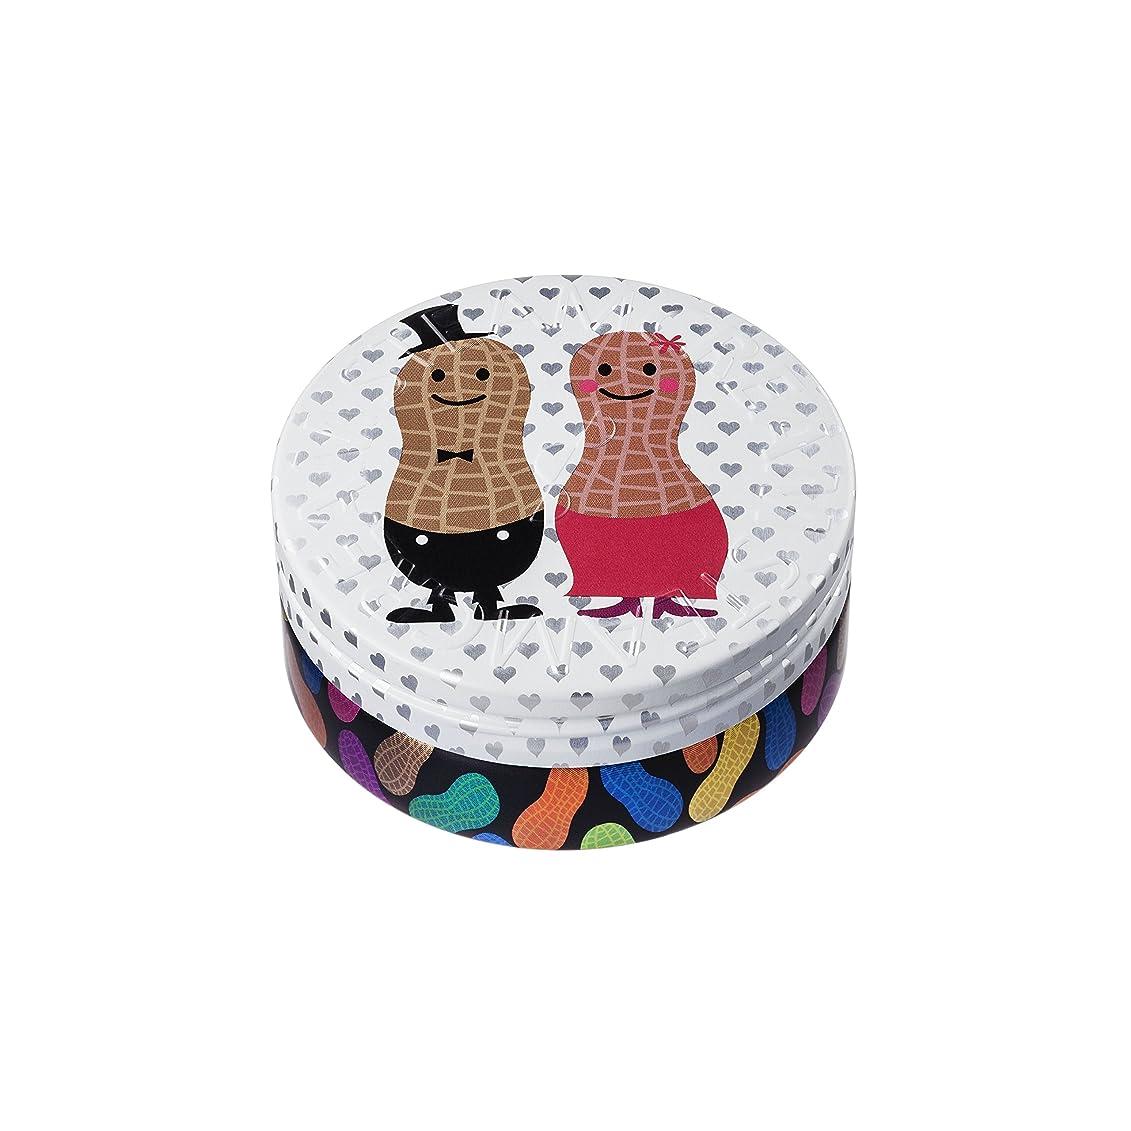 教育学オーバーフロー寺院スチームクリーム NUTS FOR YOU(ナッツ?フォー?ユー) 75g 【並行輸入品】